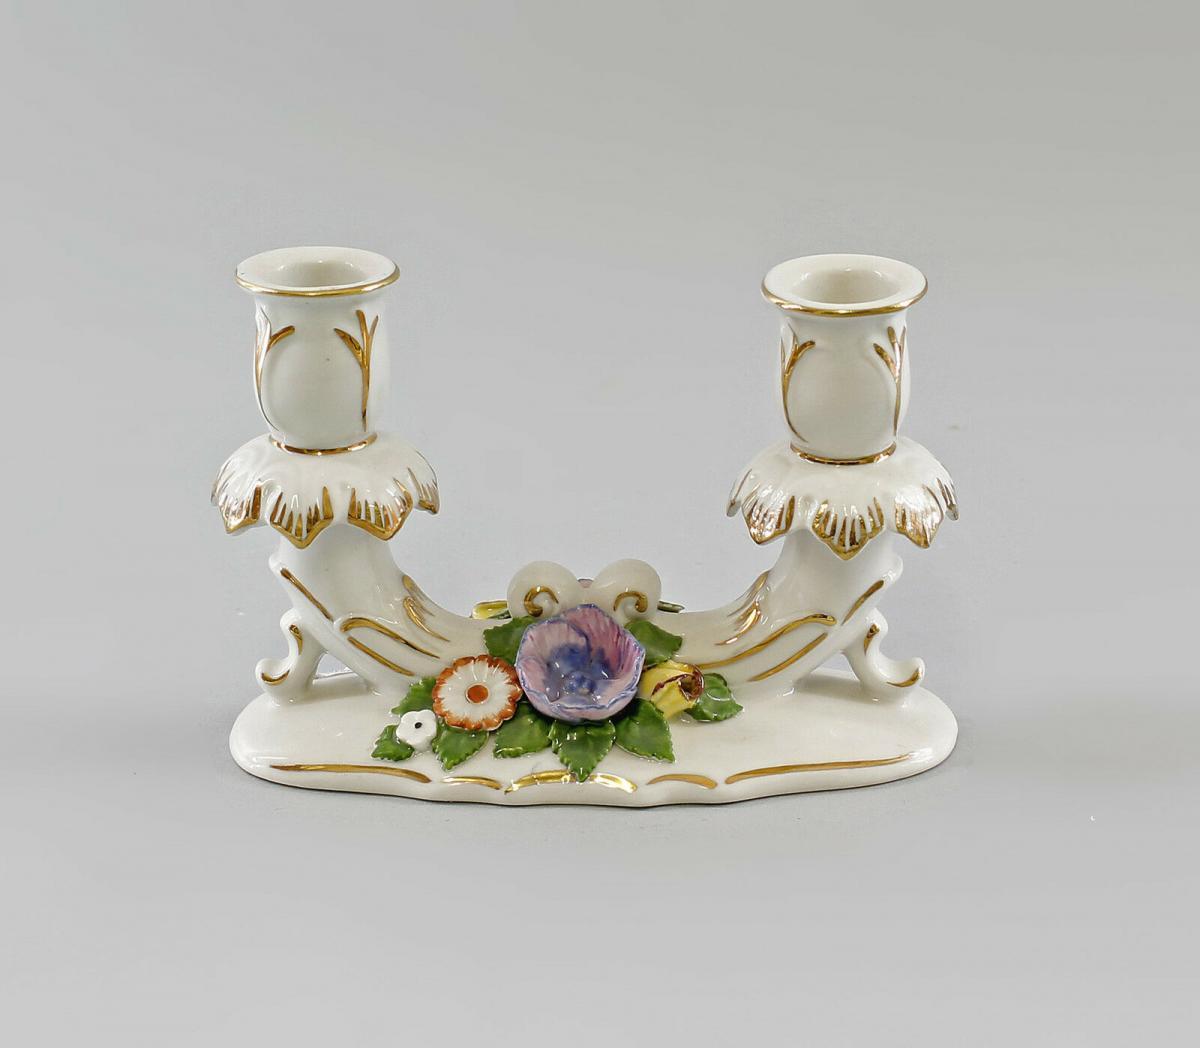 9997351 Zweiarmiger Leuchter mit Blumen Ens Porzellan 15x10cm 1